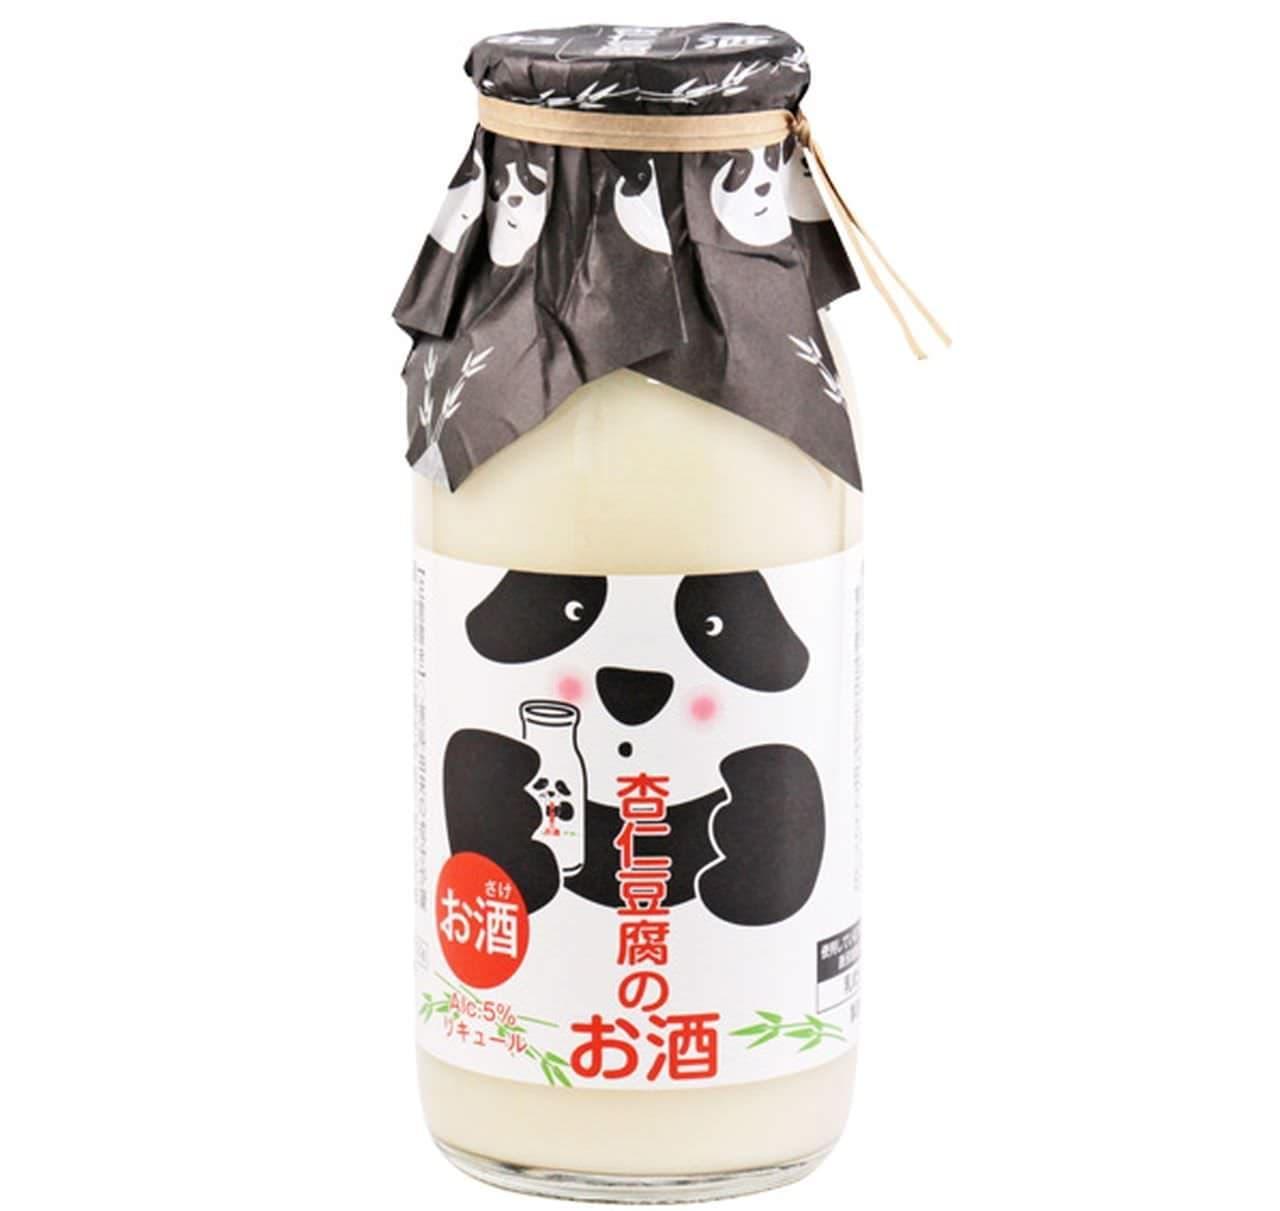 カルディオリジナル 杏仁豆腐のお酒